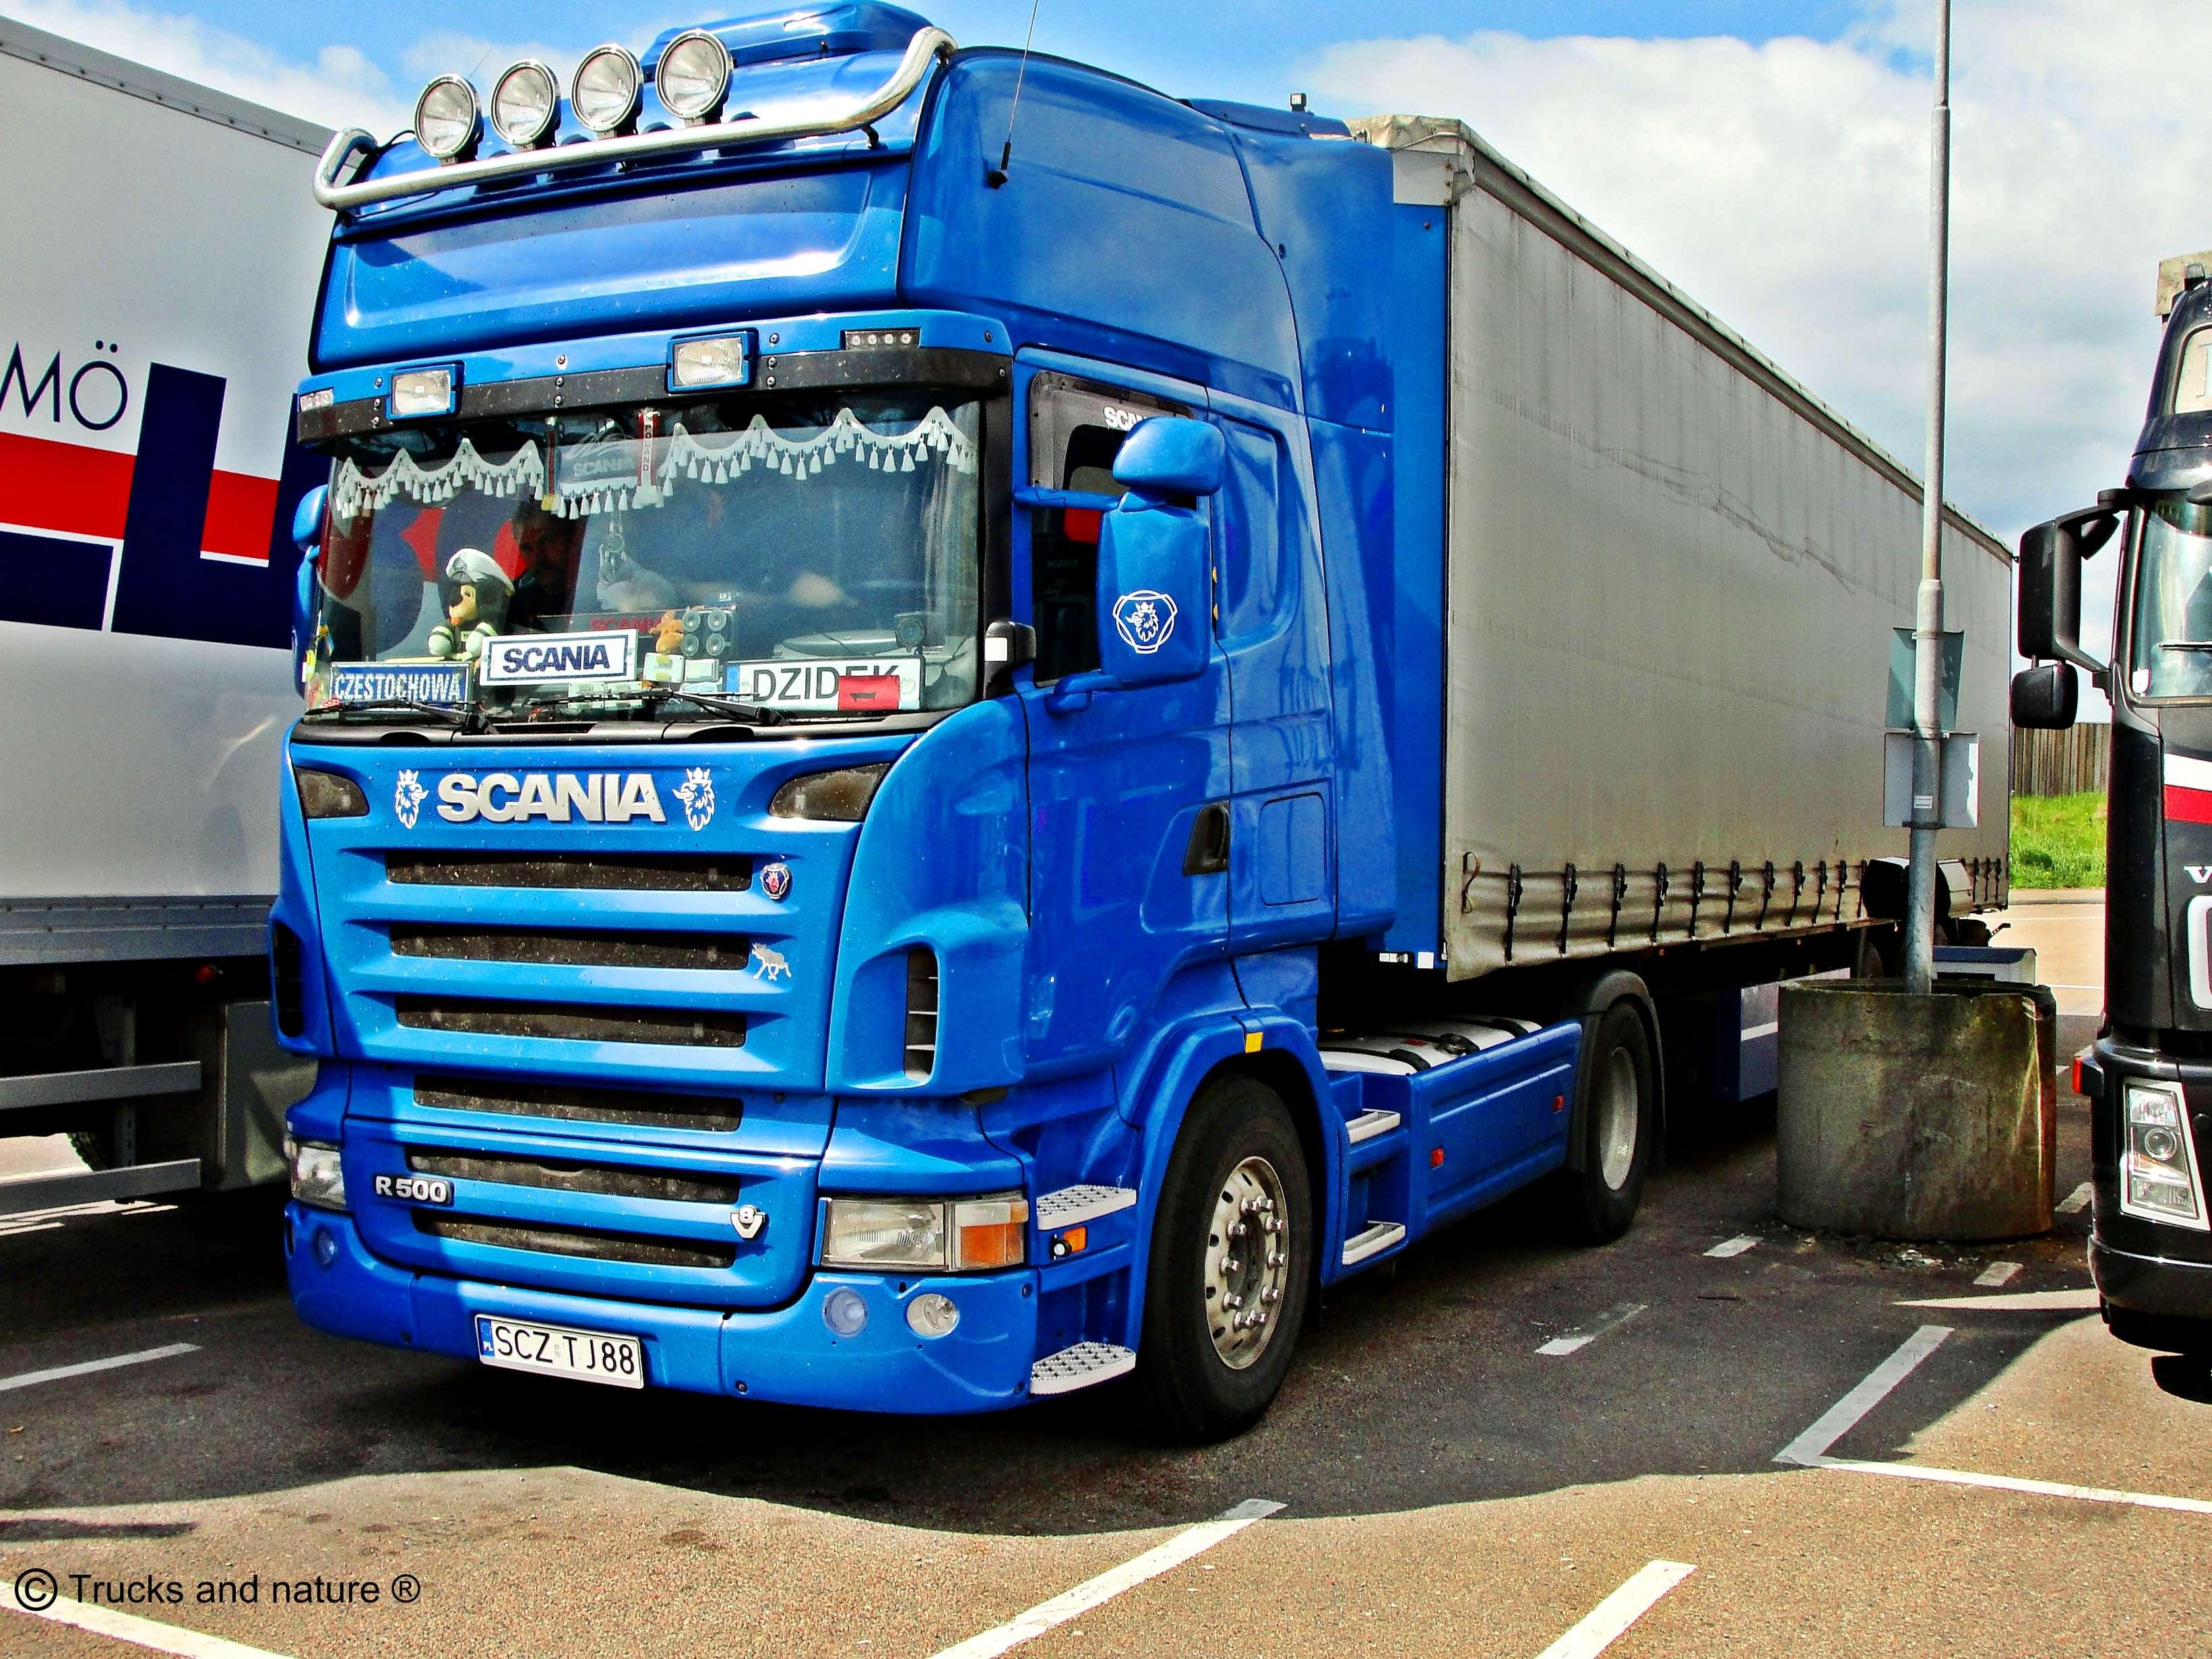 Scania R500 8993448